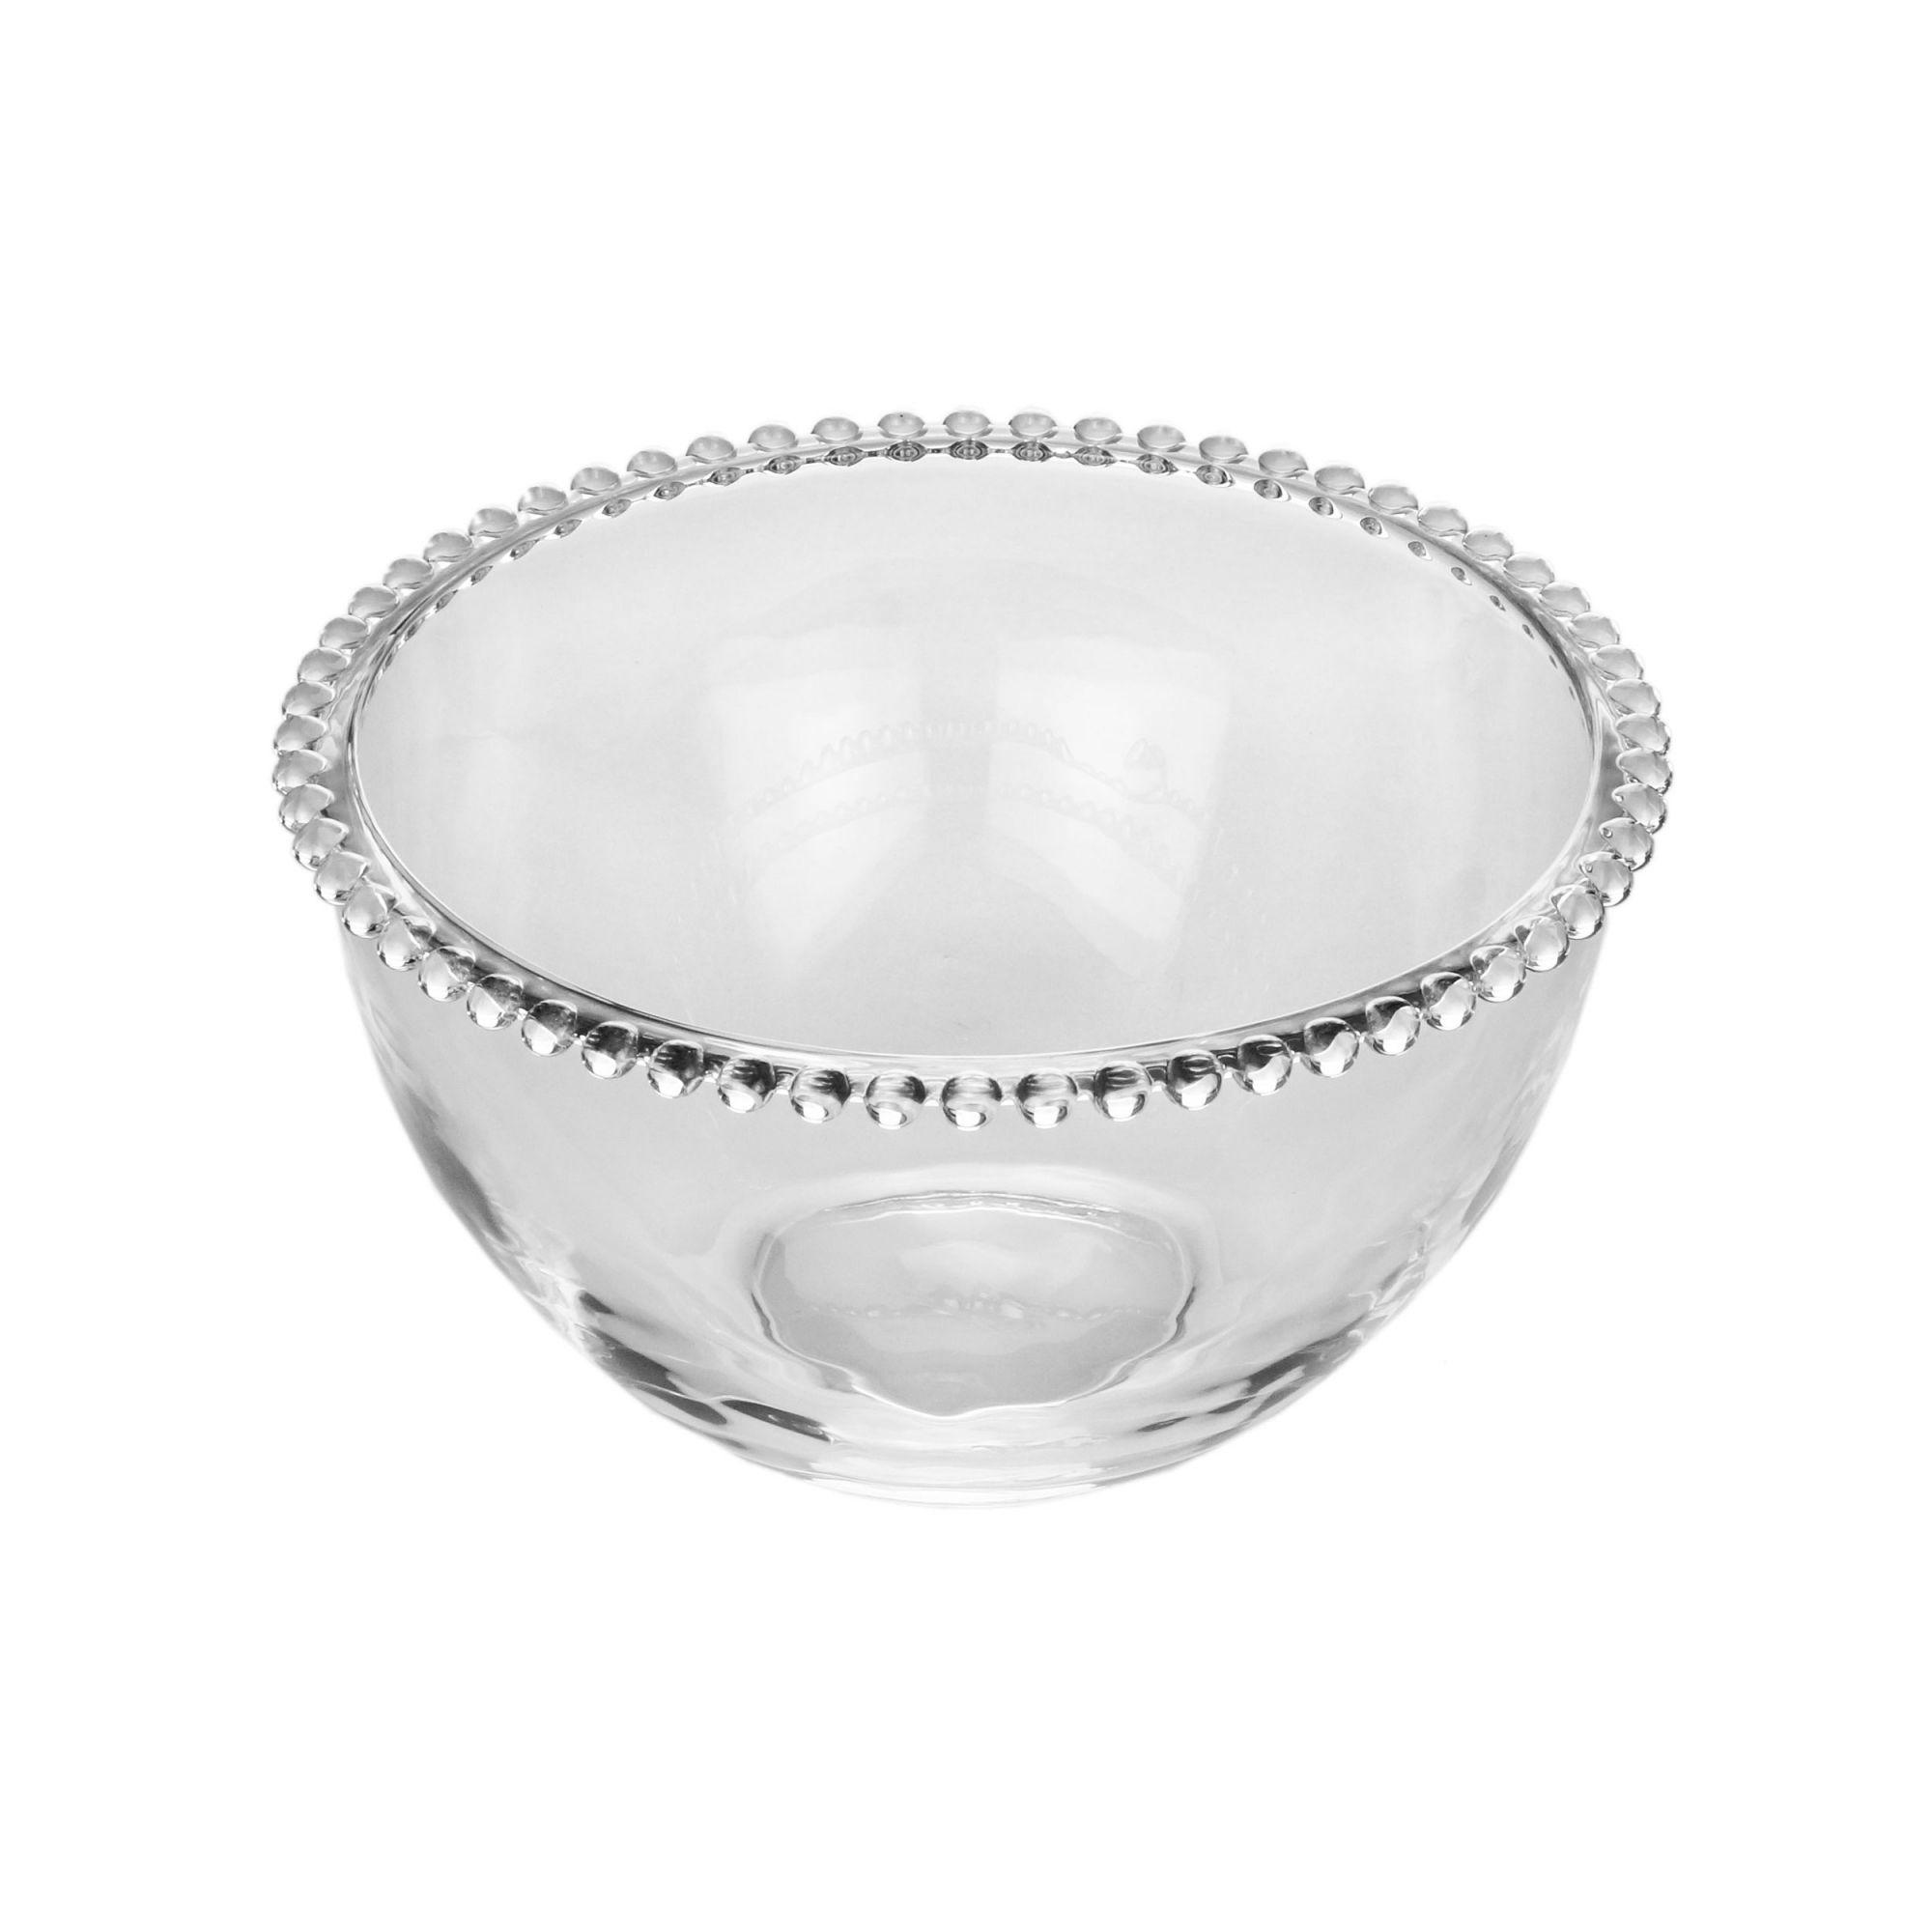 Bowl 21 cm de cristal transparente Pearl Wolff - 27889